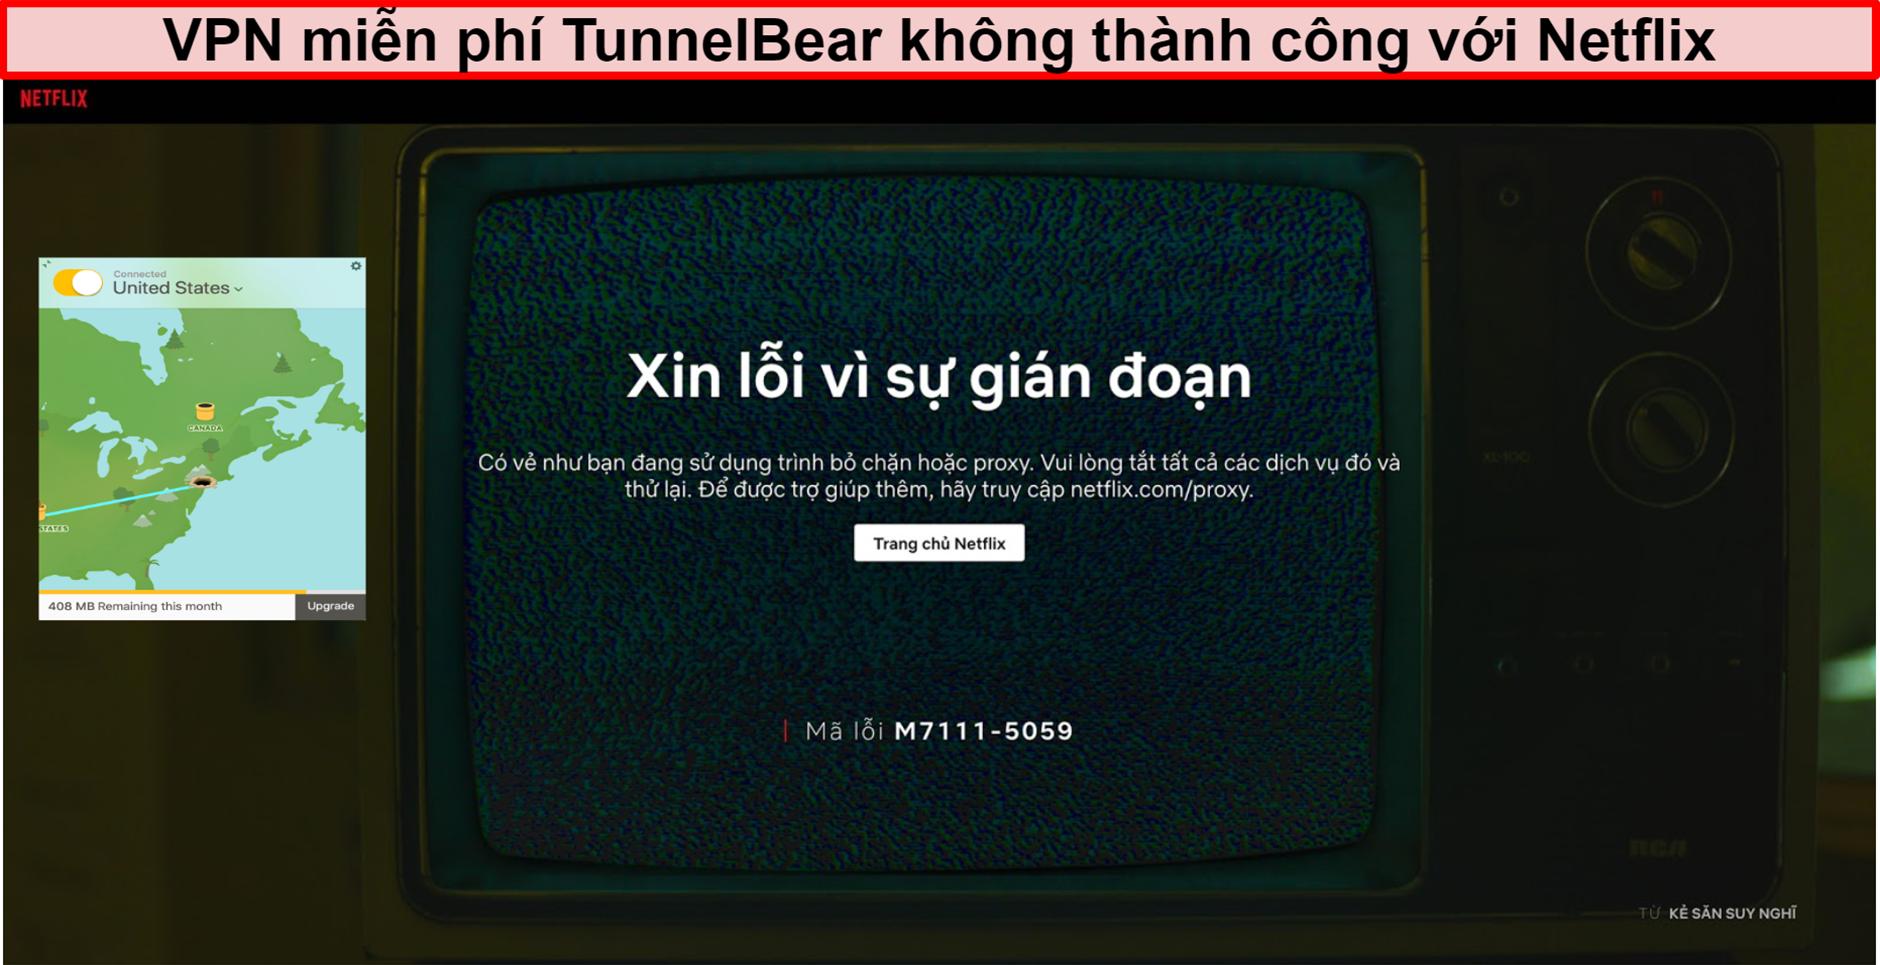 Ảnh chụp màn hình của TunnelBear VPN được kết nối với Hoa Kỳ với Netflix hiển thị thông báo lỗi bỏ chặn hoặc proxy